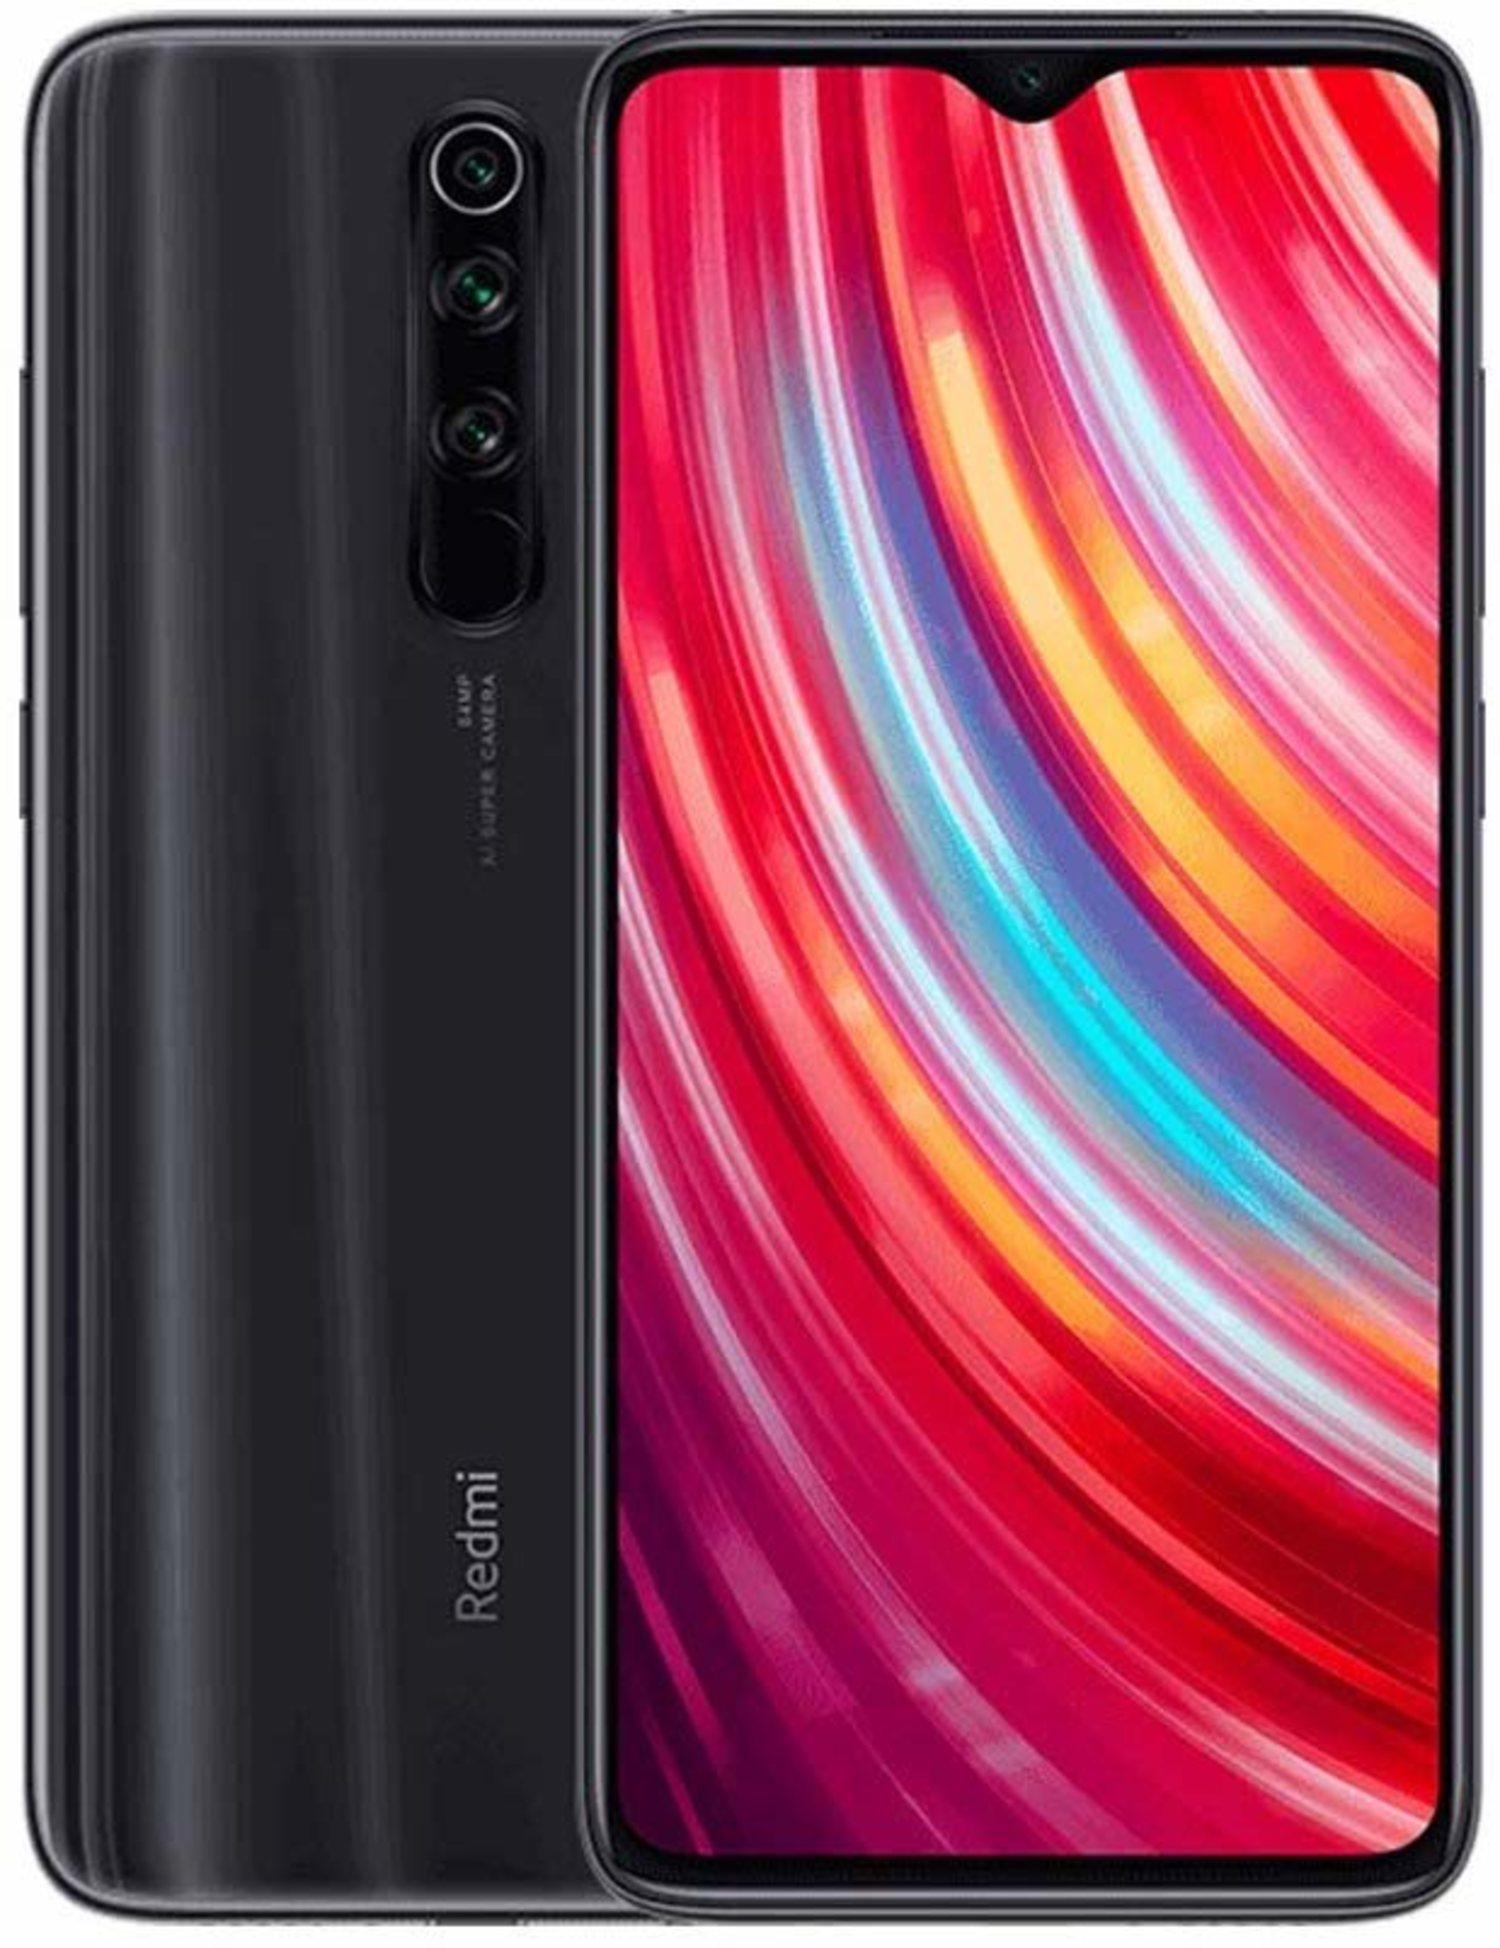 Xiaomi Remi Note 8 Pro, un gama media-alta a precio de teléfono básico.